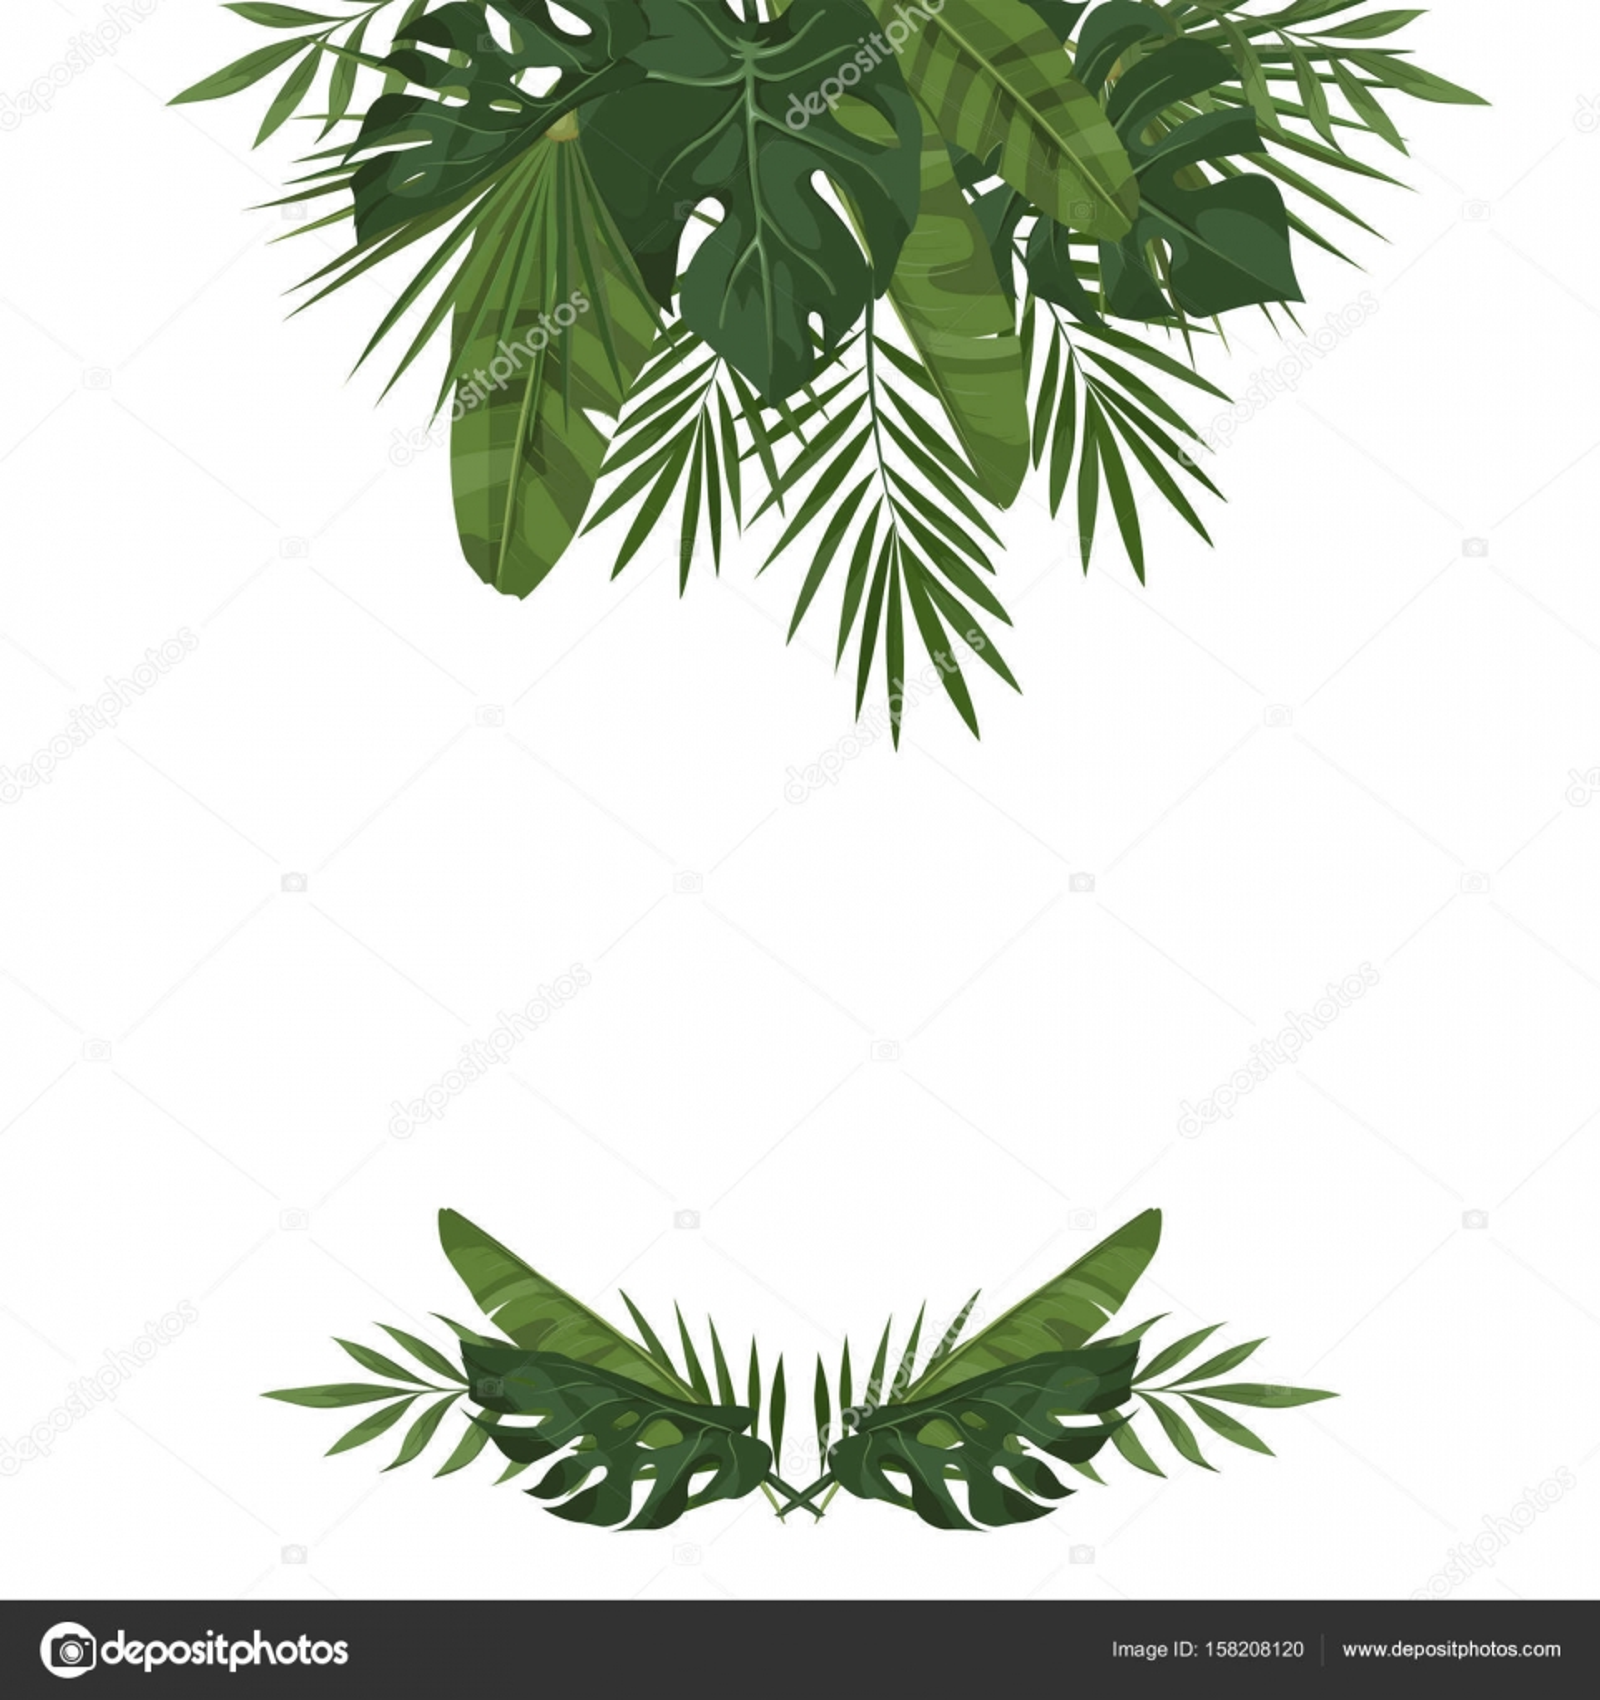 plantilla de vectores con hojas tropicales — Archivo Imágenes ...